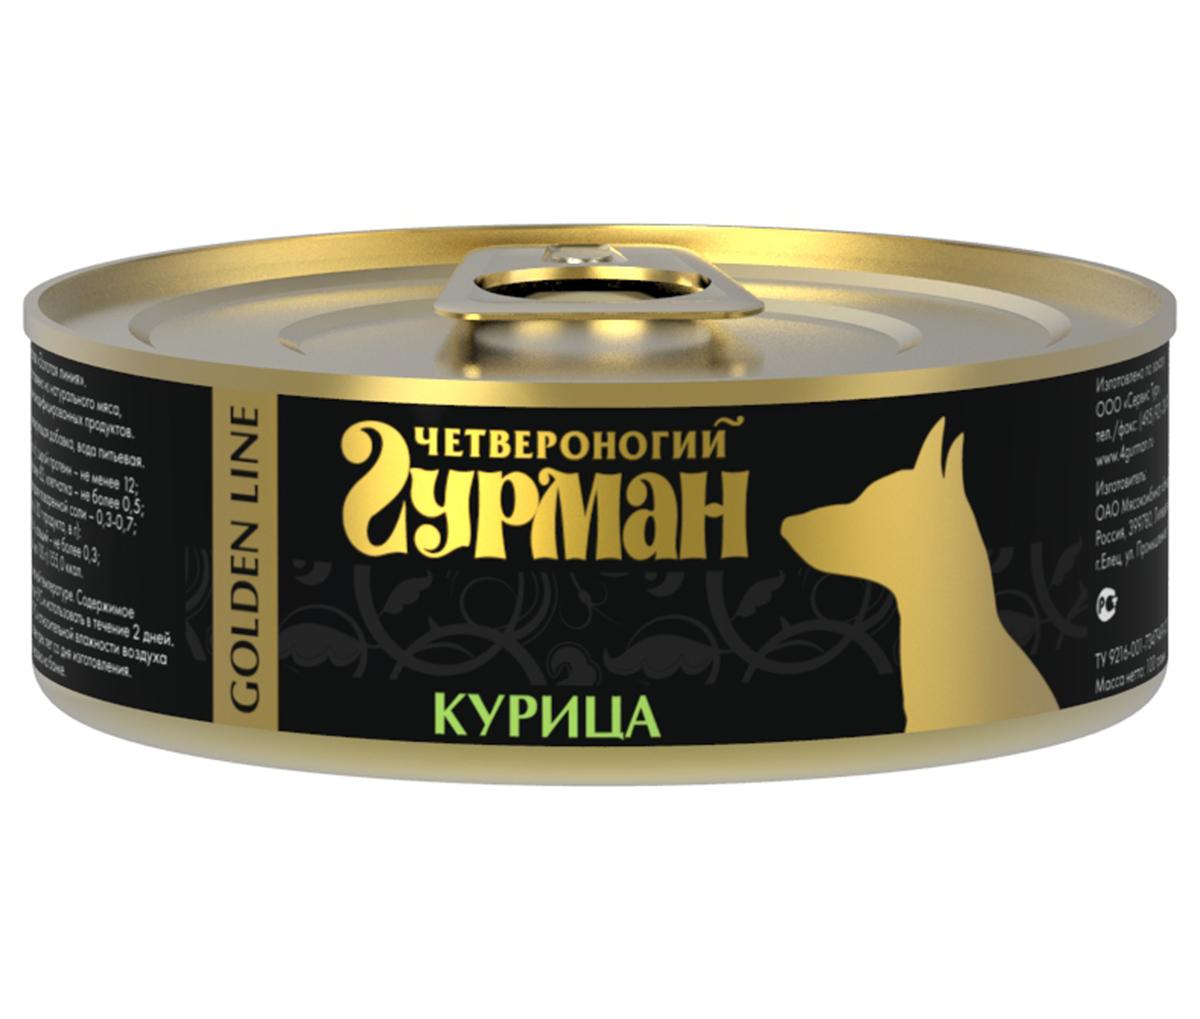 Консервы для собак Четвероногий Гурман, с курицей, 100 г купить болгарские консервы в москве